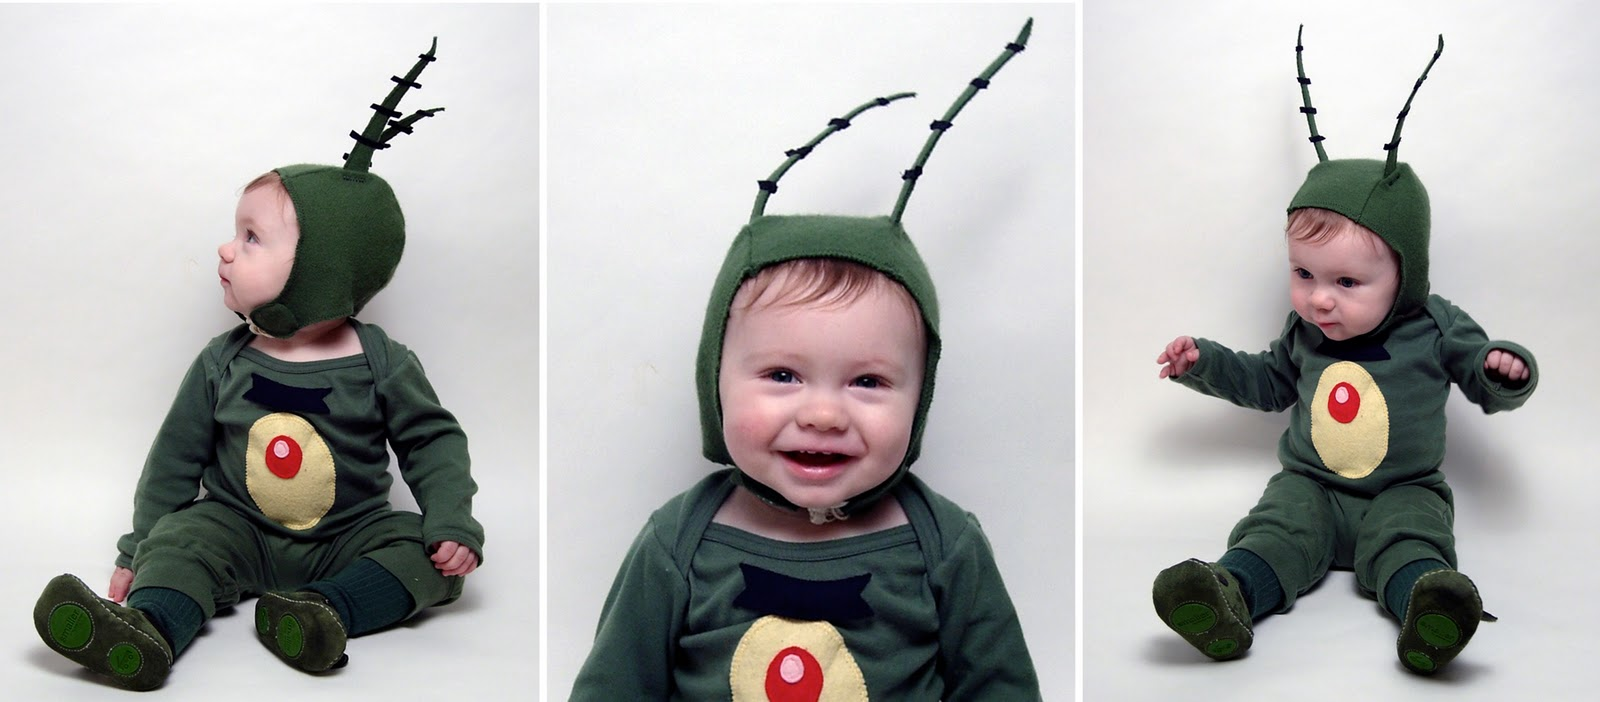 Klt sketchbook inspiration costumes - Disfraces bebe halloween ...